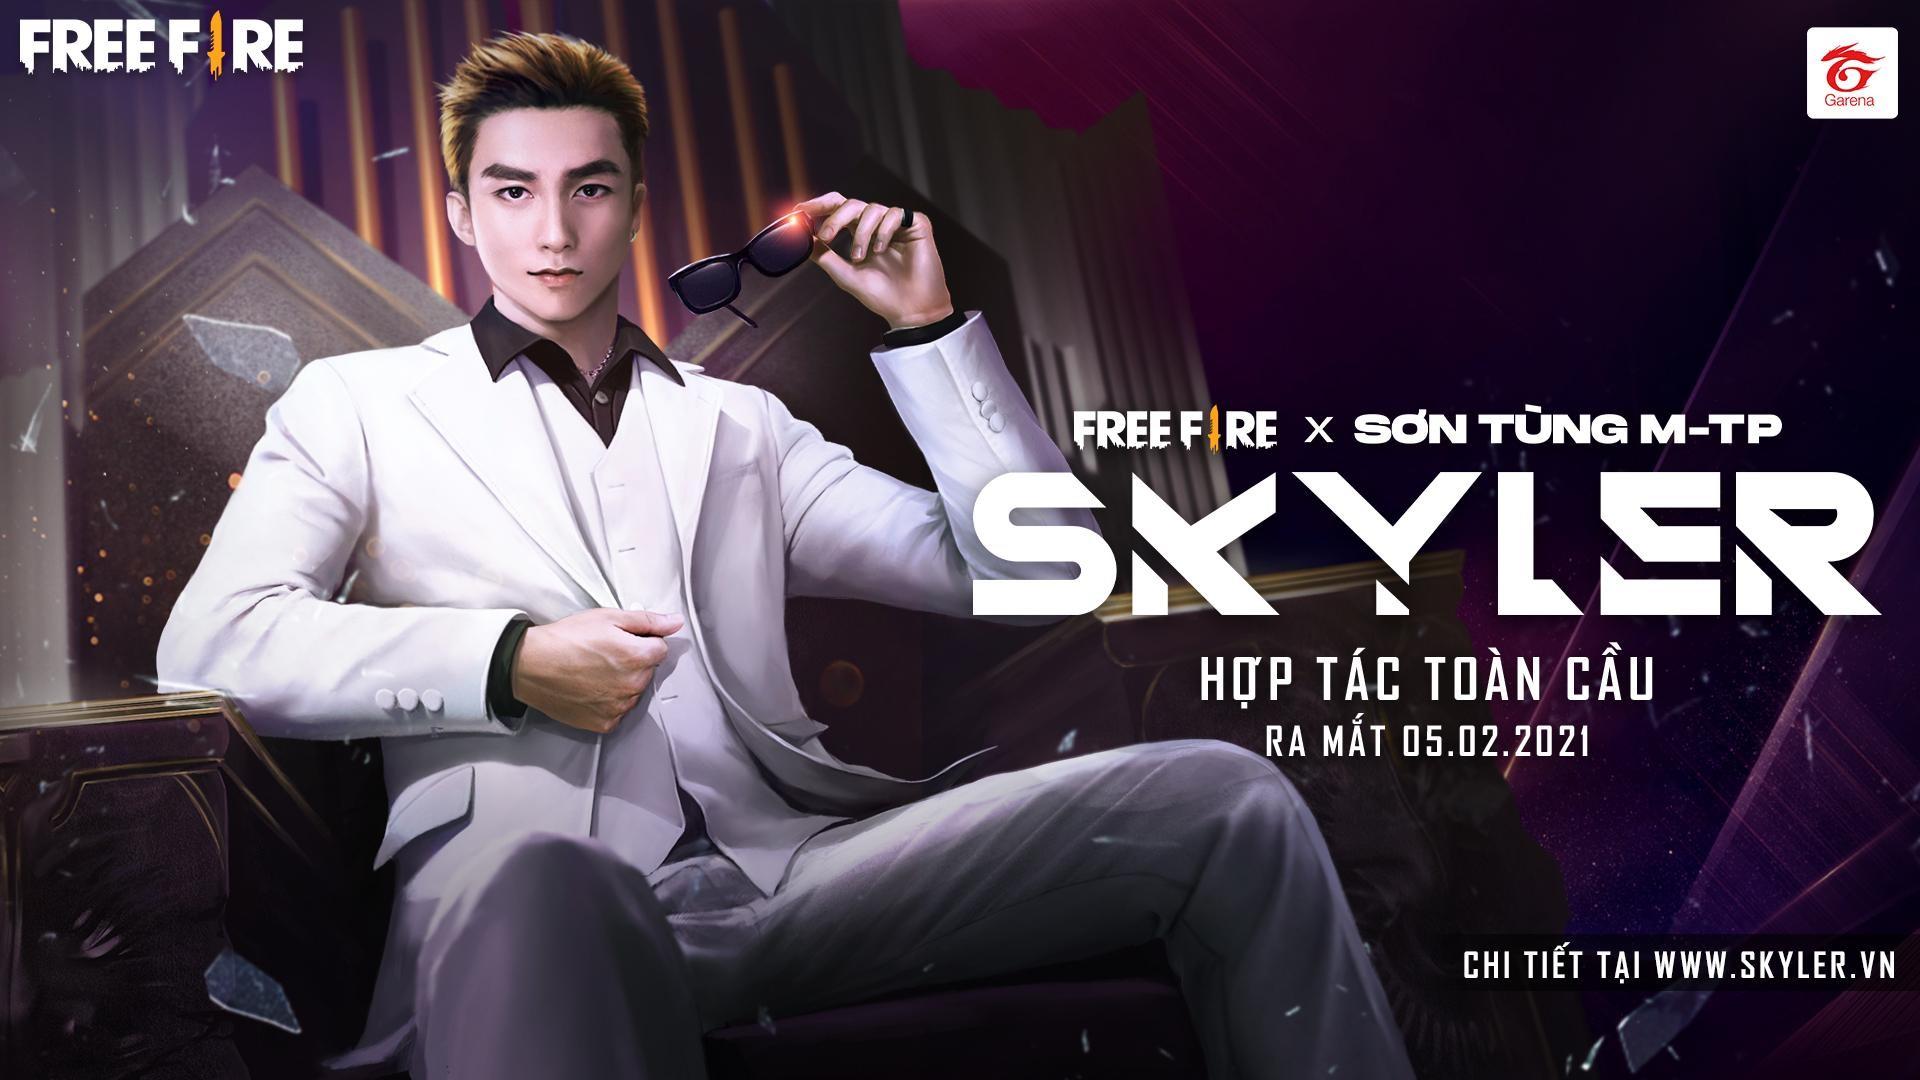 Skyler trong thế giới Free Fire là ca sĩ, vũ công đạt đỉnh cao danh tiếng khi mới ở độ tuổi đôi mươi. Ảnh: Garena